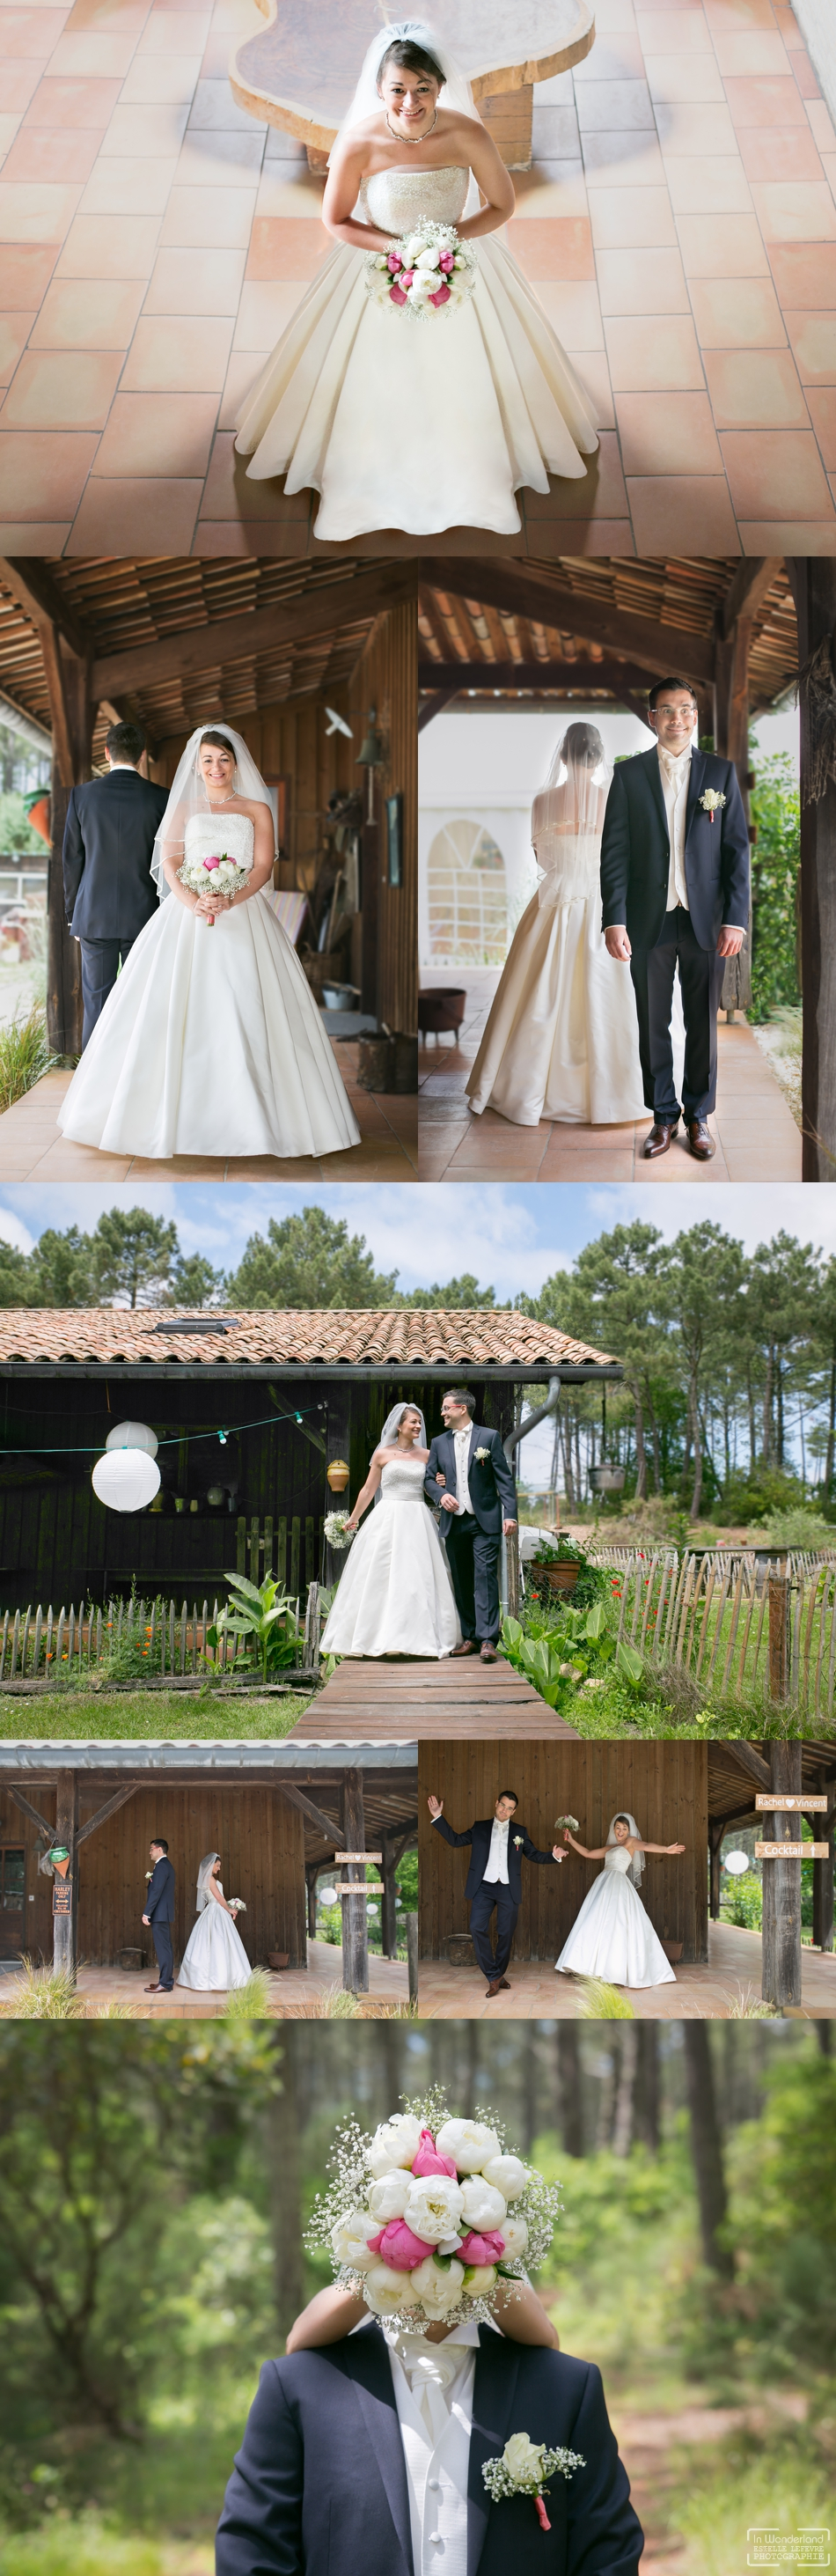 photographe de mariage chic et élégant a La Teste de Buch